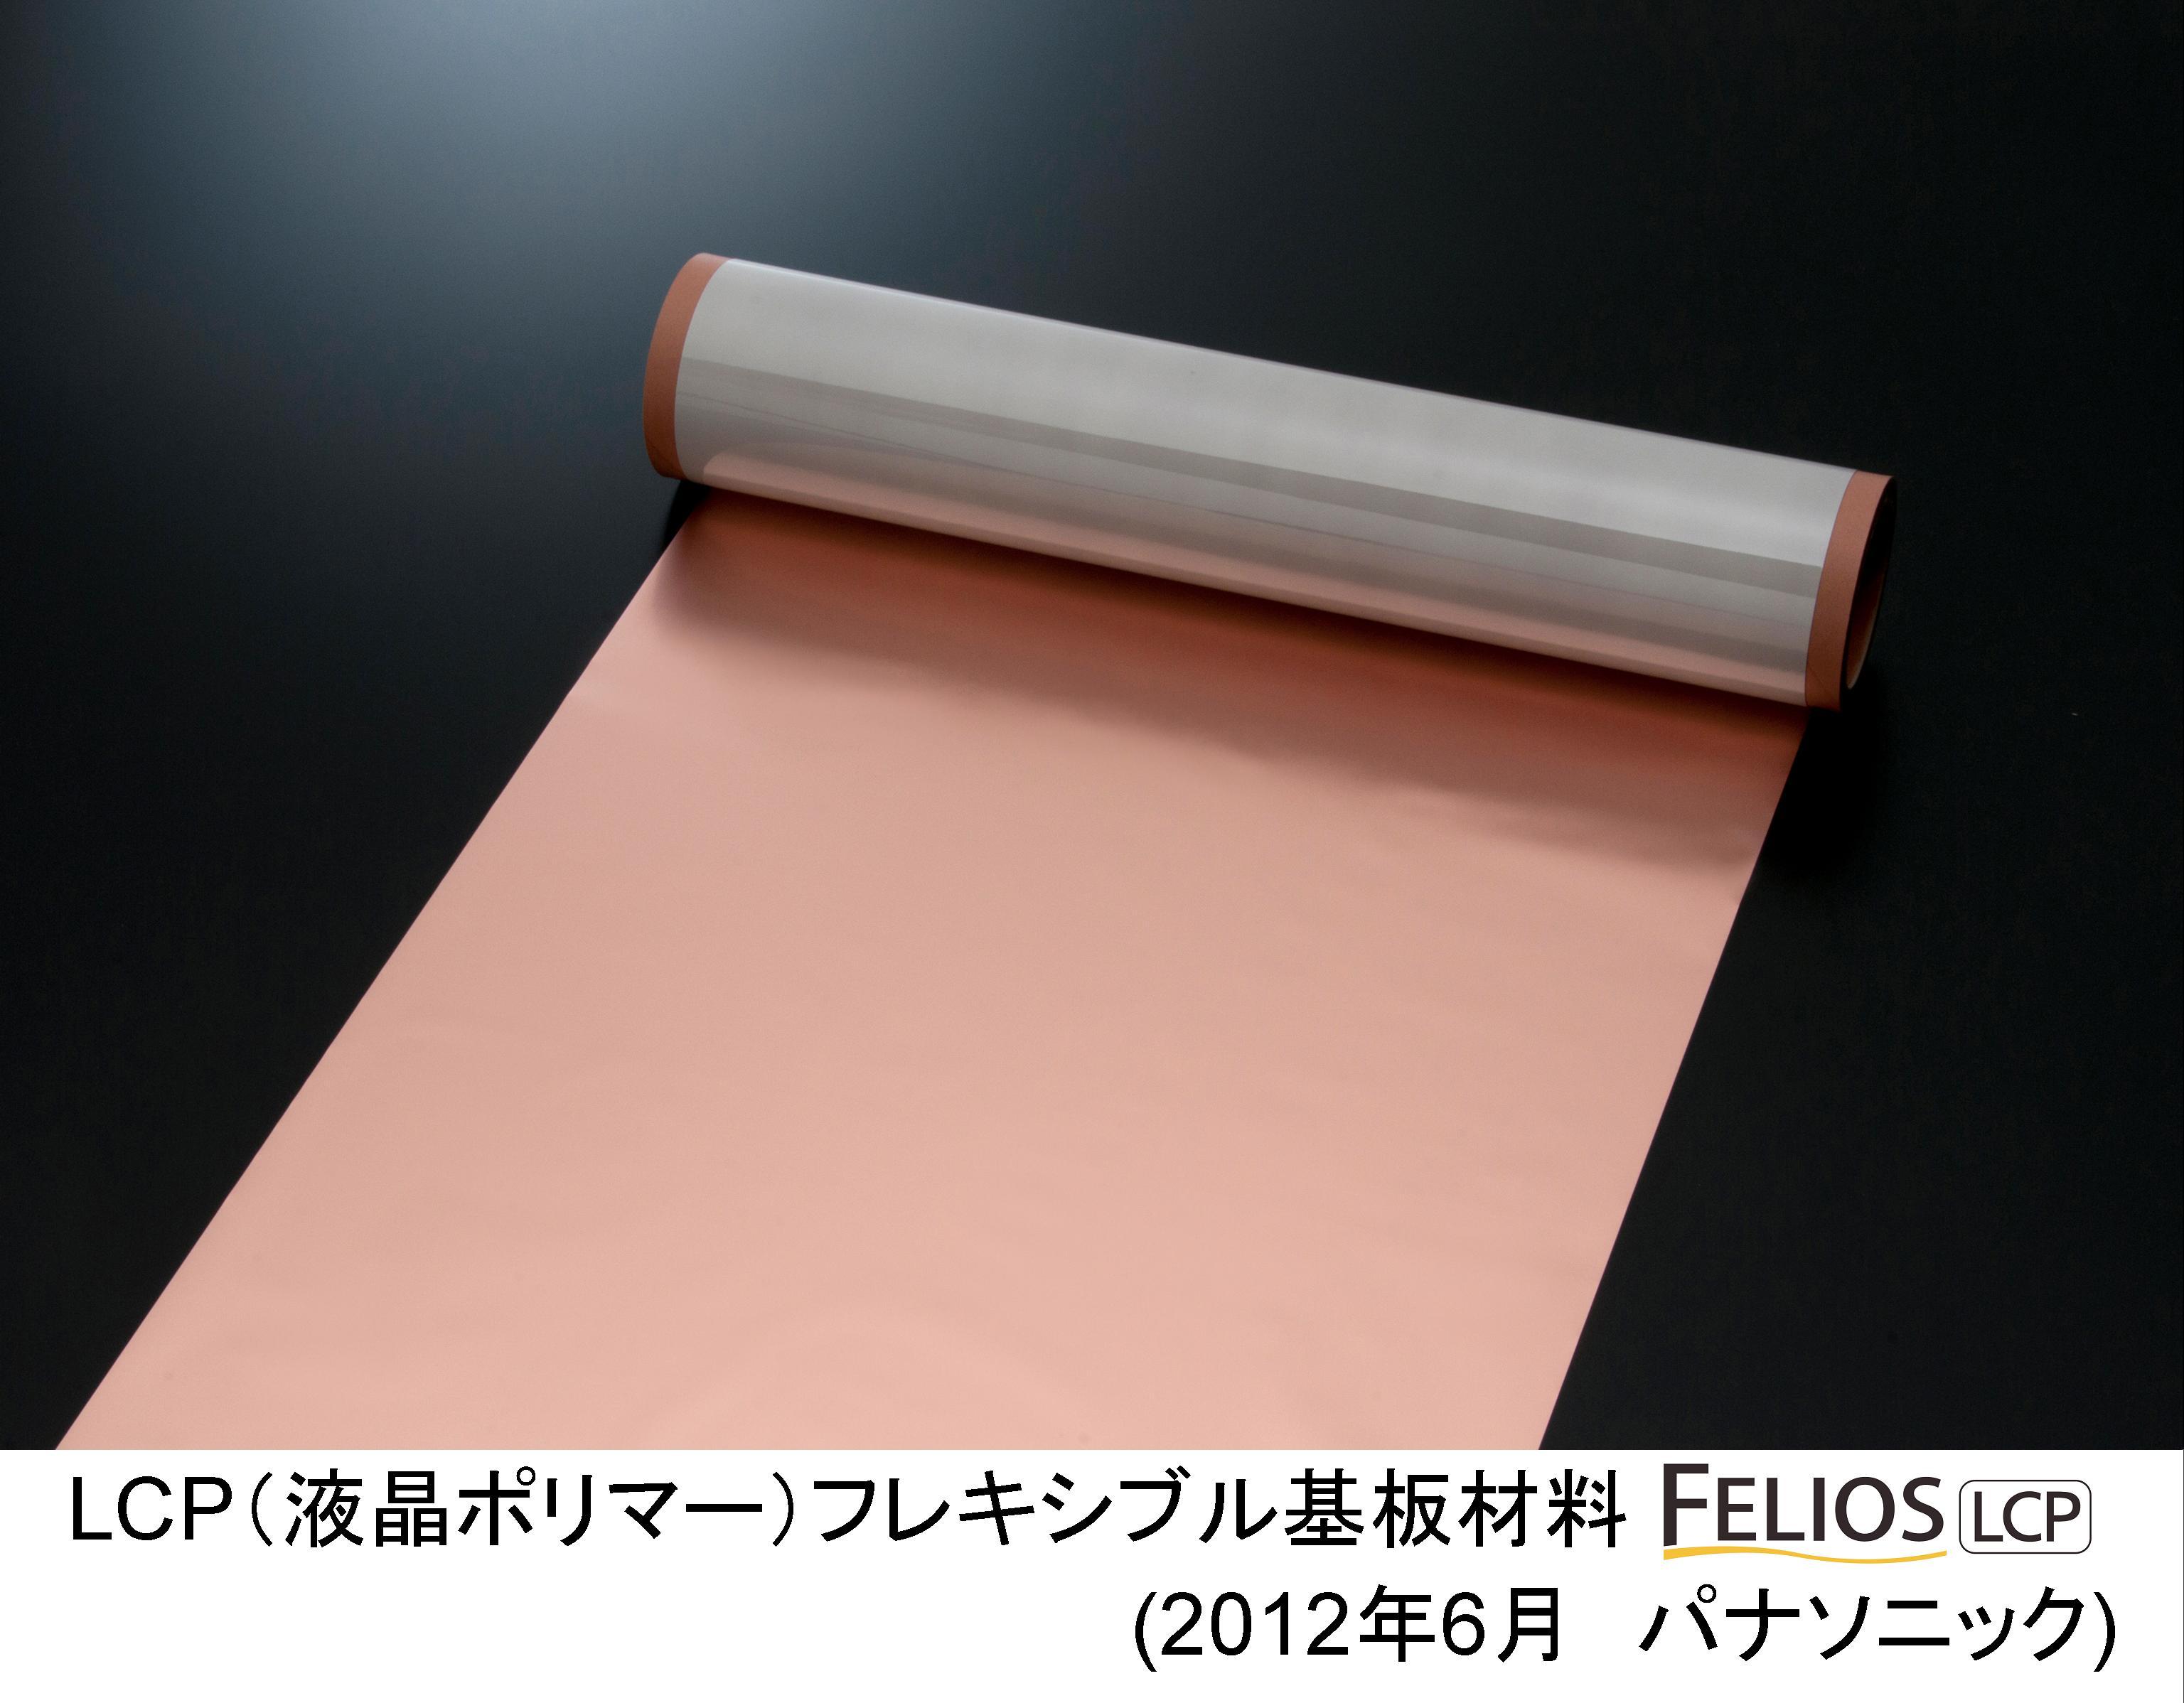 LCP(液晶ポリマー)フレキシブル基板材料FELIOS